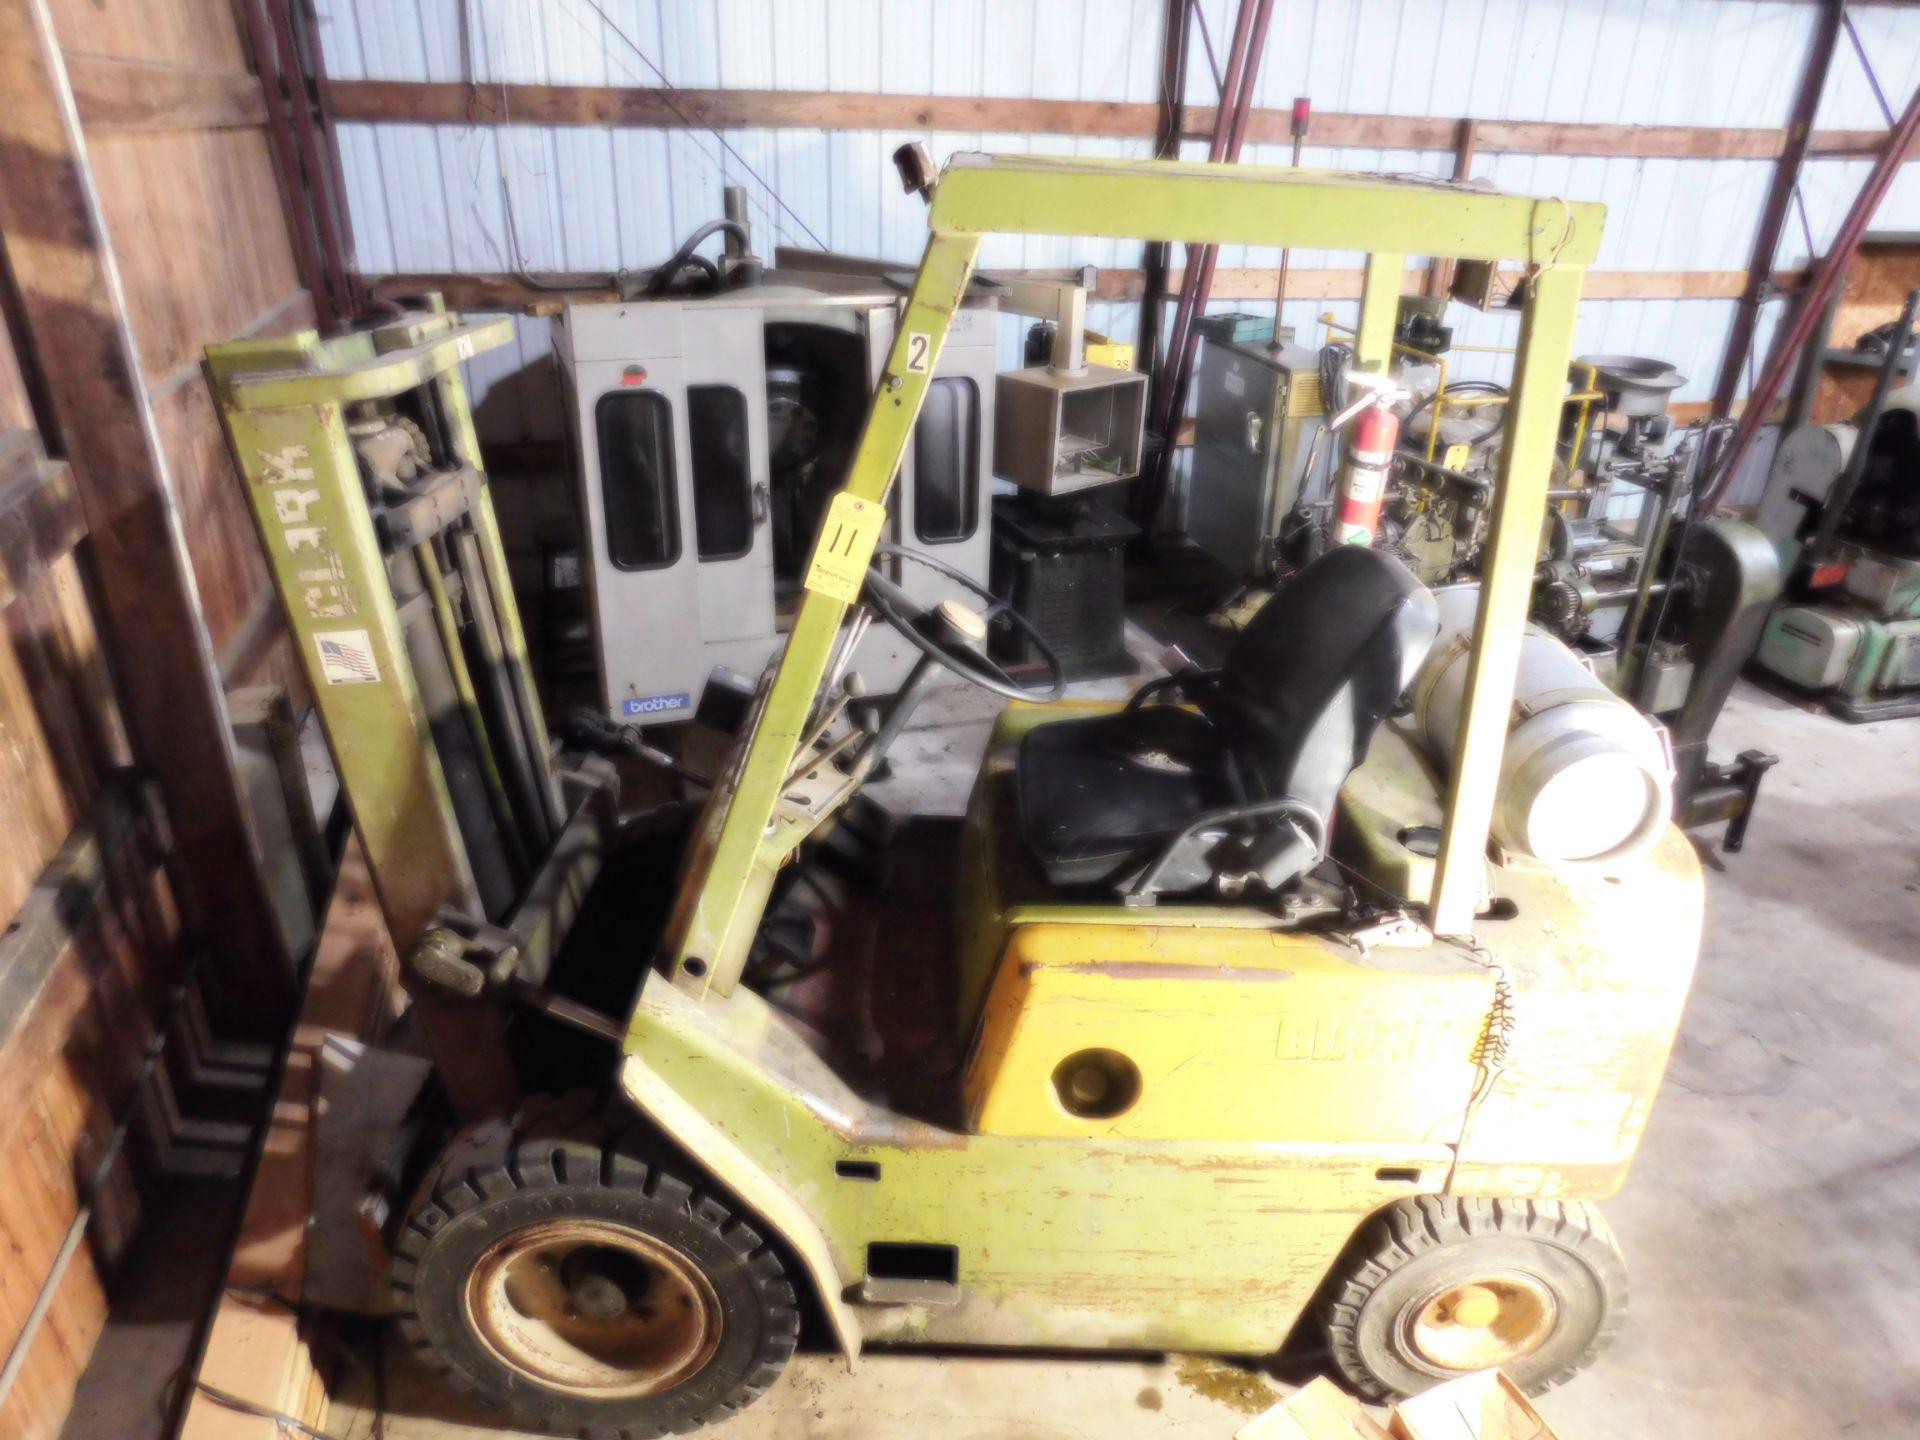 Lotto 11 - Clark Model C500Y50 Fork Lift, s/n Y355 289 3525, 5,000 Lb. Capacity, LP, Hard Tire, Cage, Needs